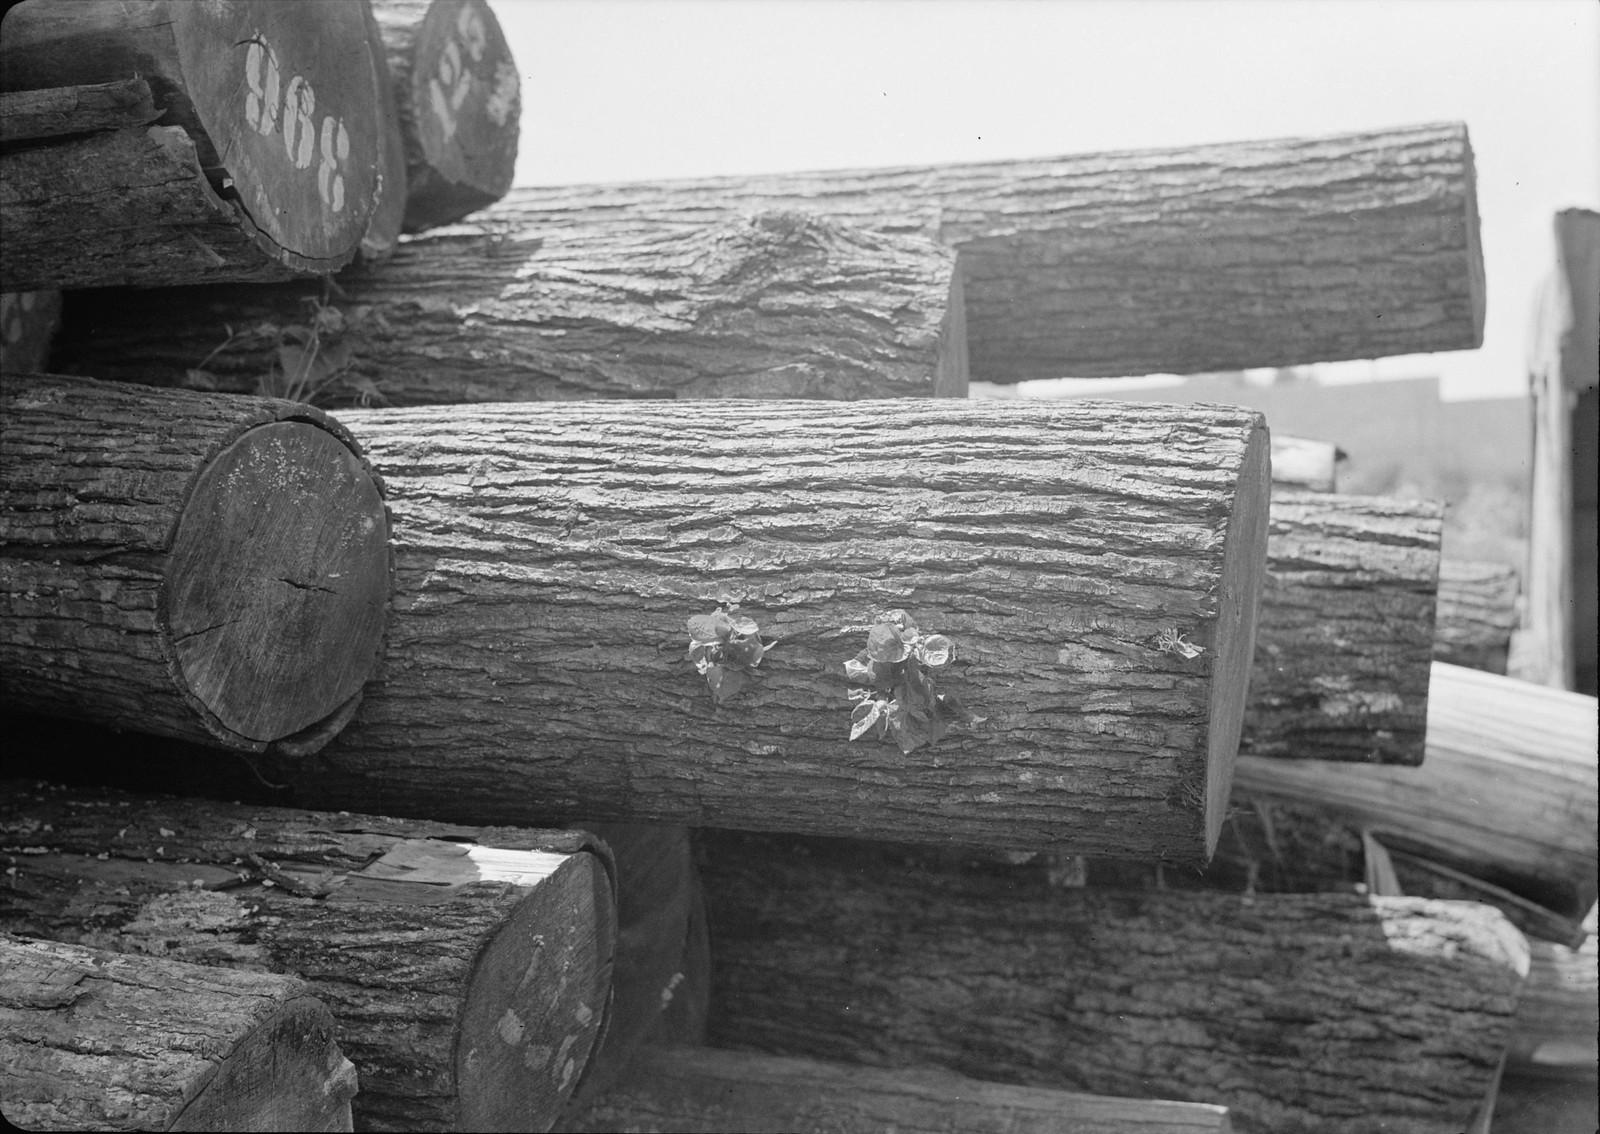 02. 1940. Шхем. Спичечная фабрика. Склад деревянных бревен, из которых будут делать спички